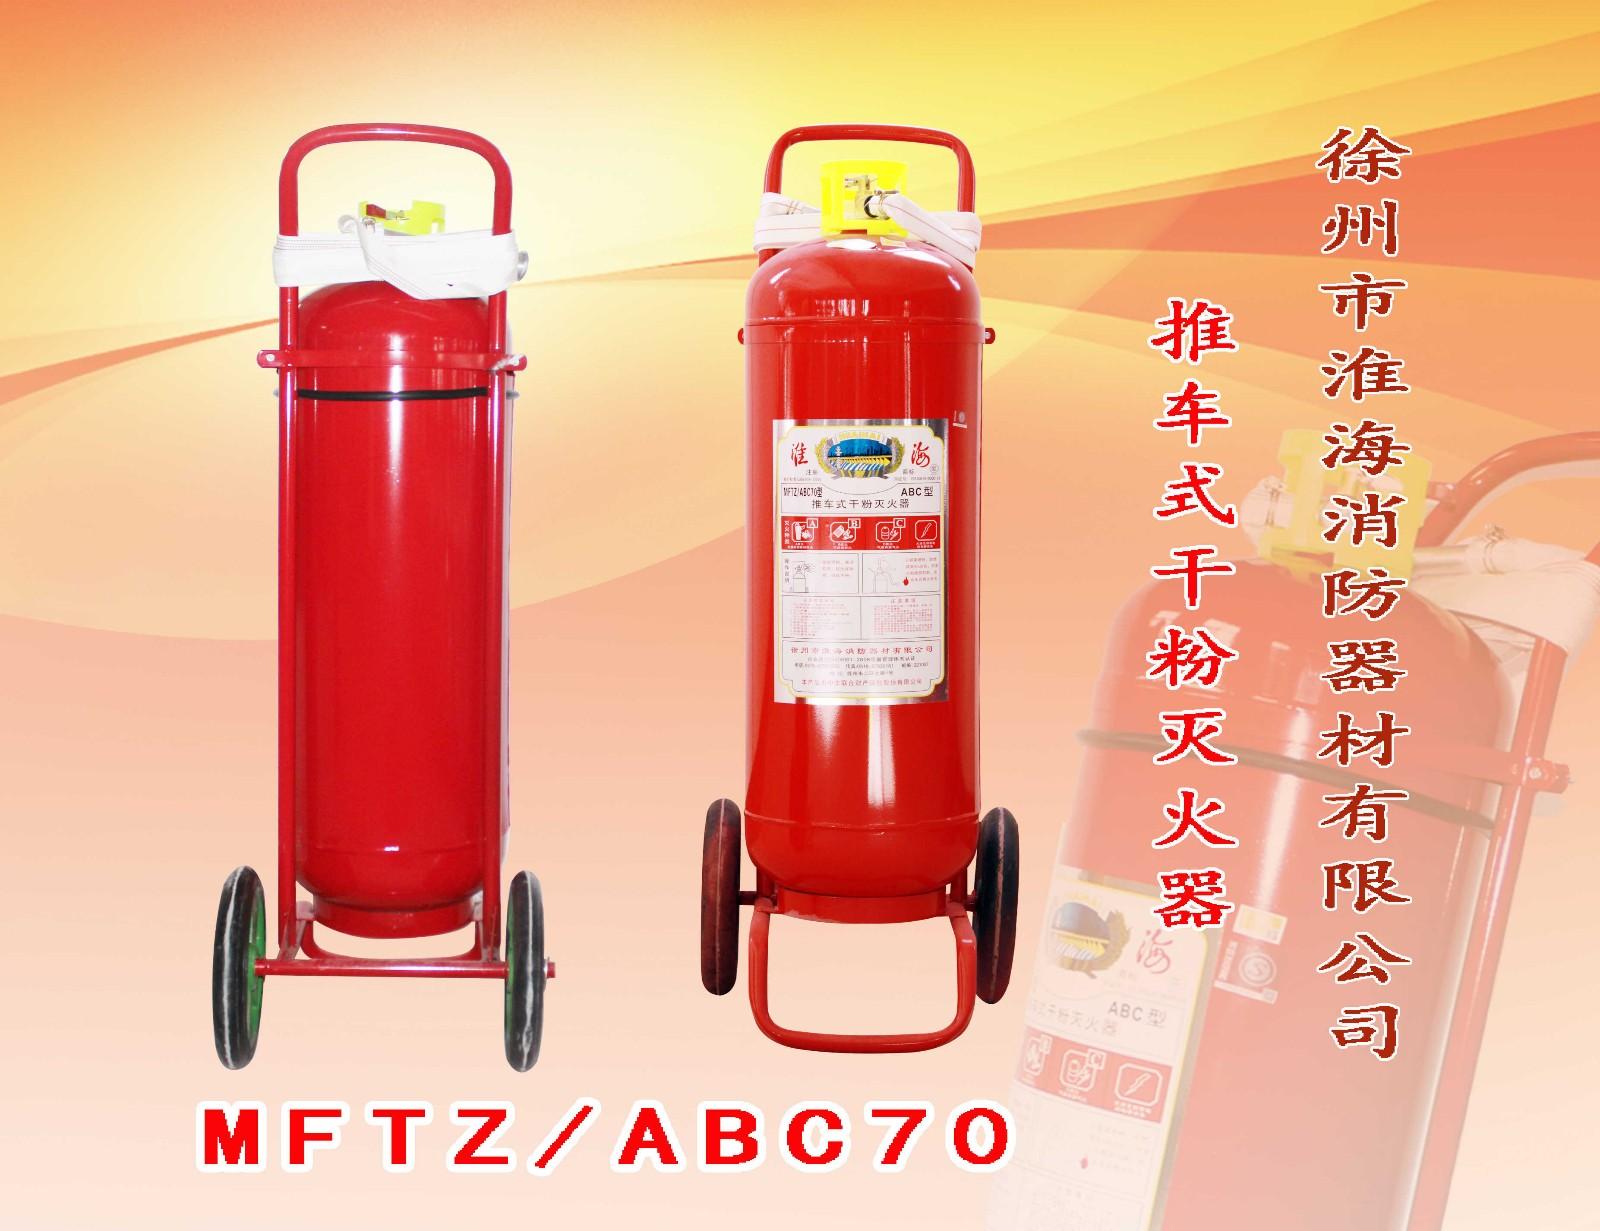 MFTZABC70.jpg